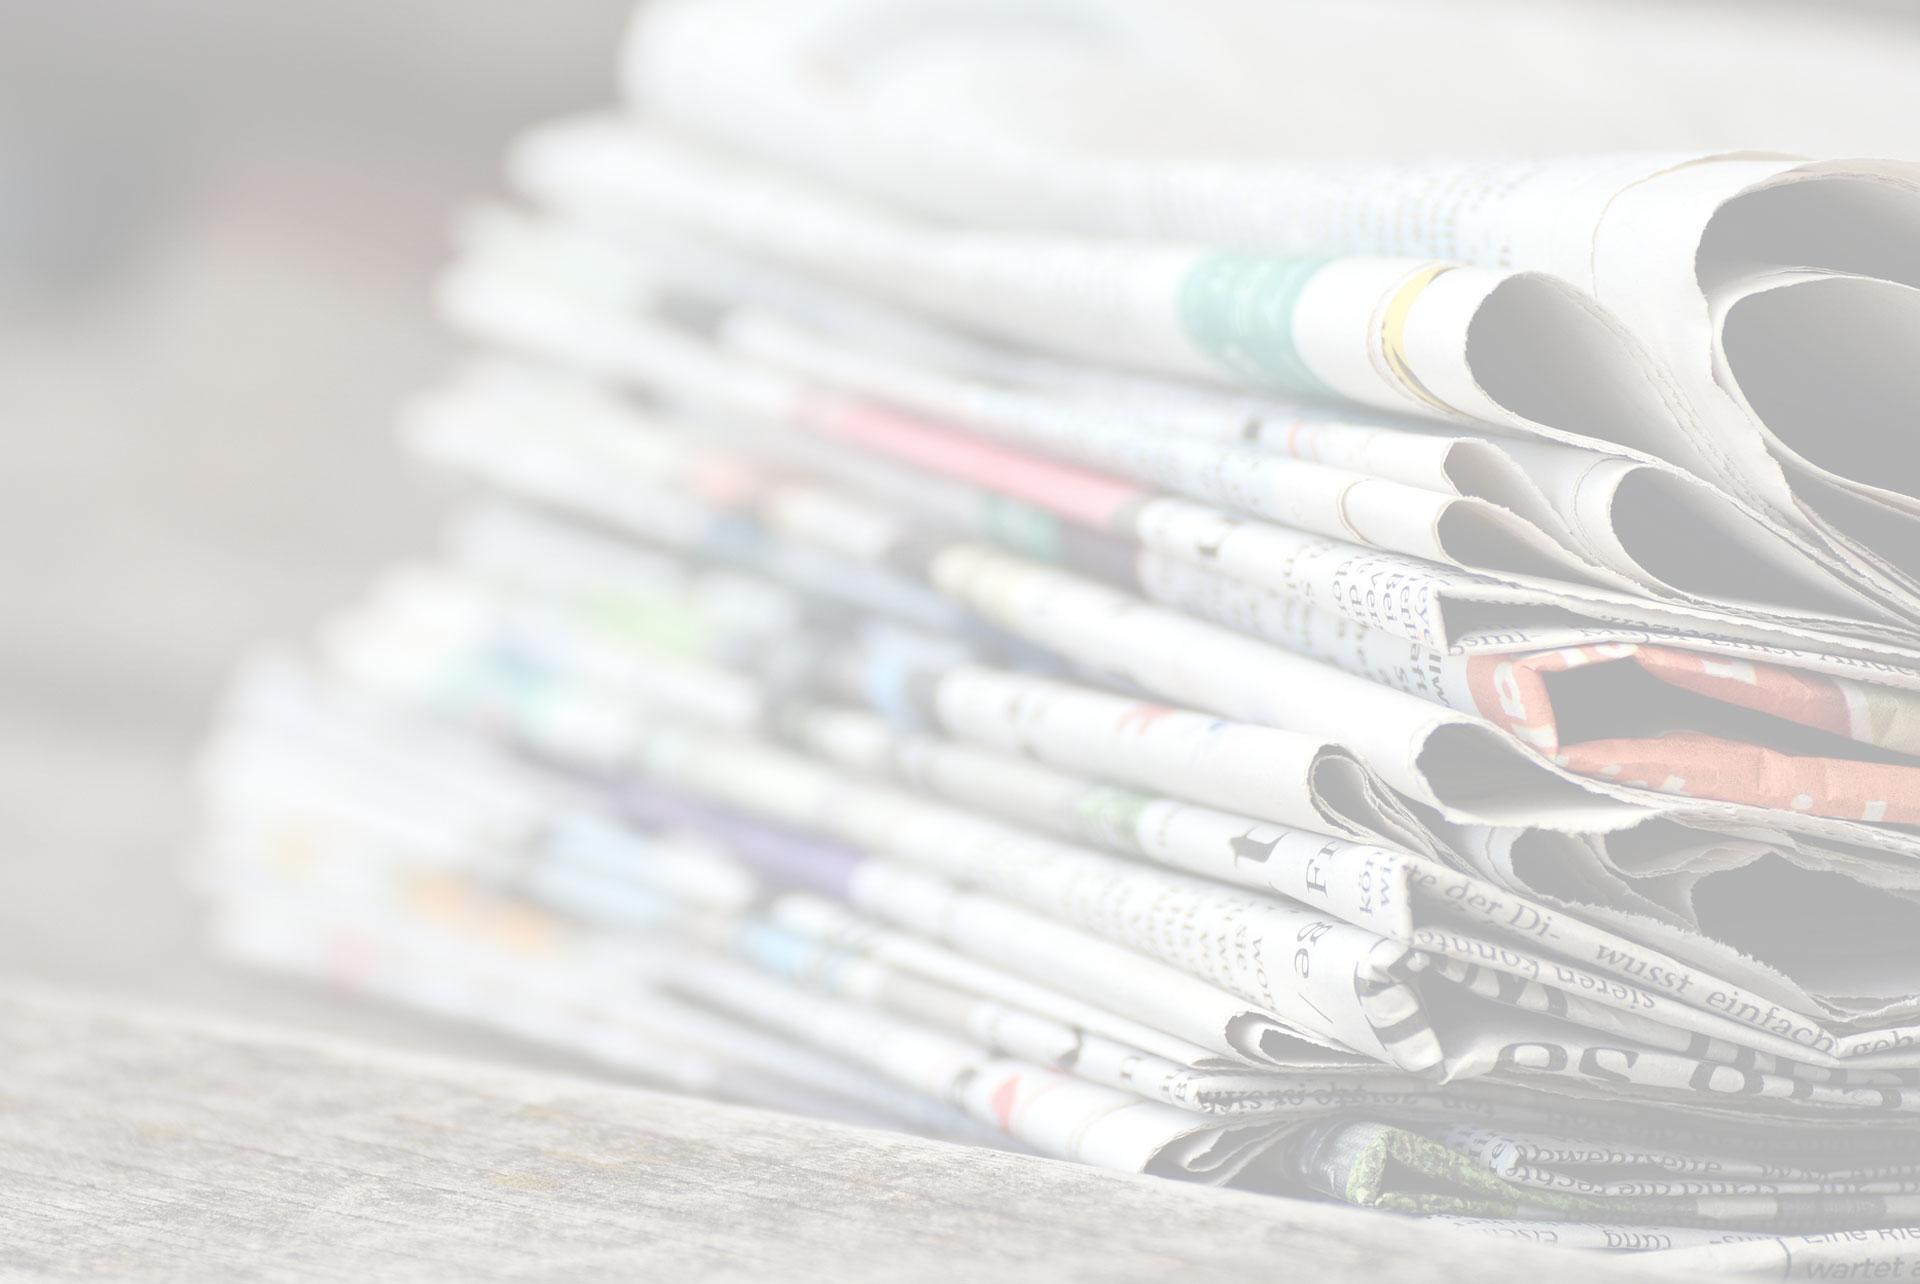 2 giugno 1882, Giuseppe Garibaldi muore in esilio a Caprera